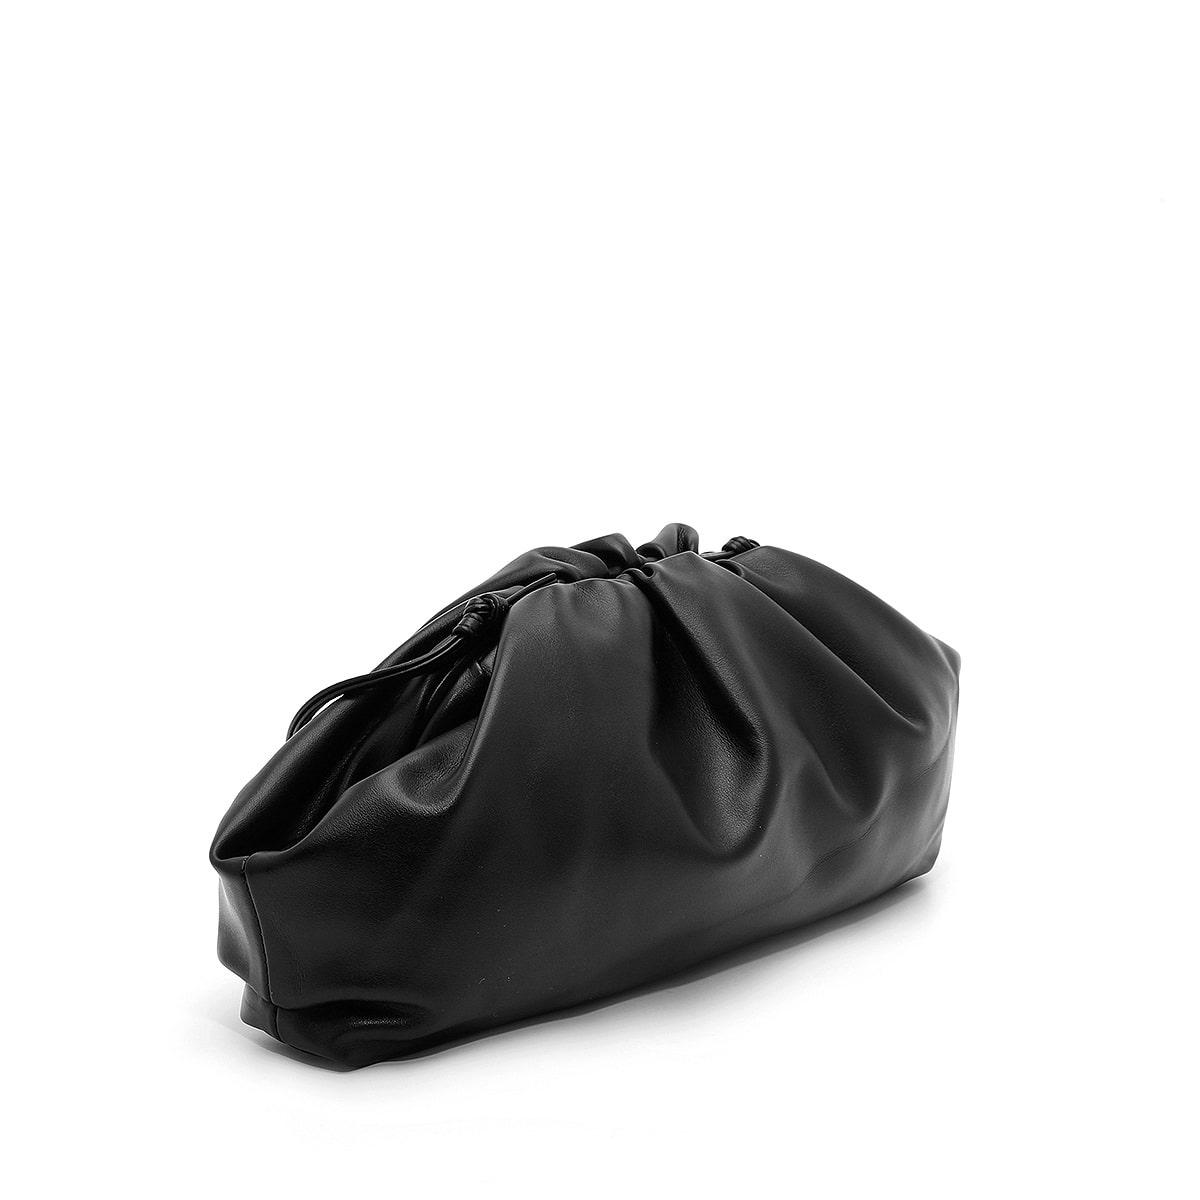 דגם הילי: תיק לנשים בצבע שחור